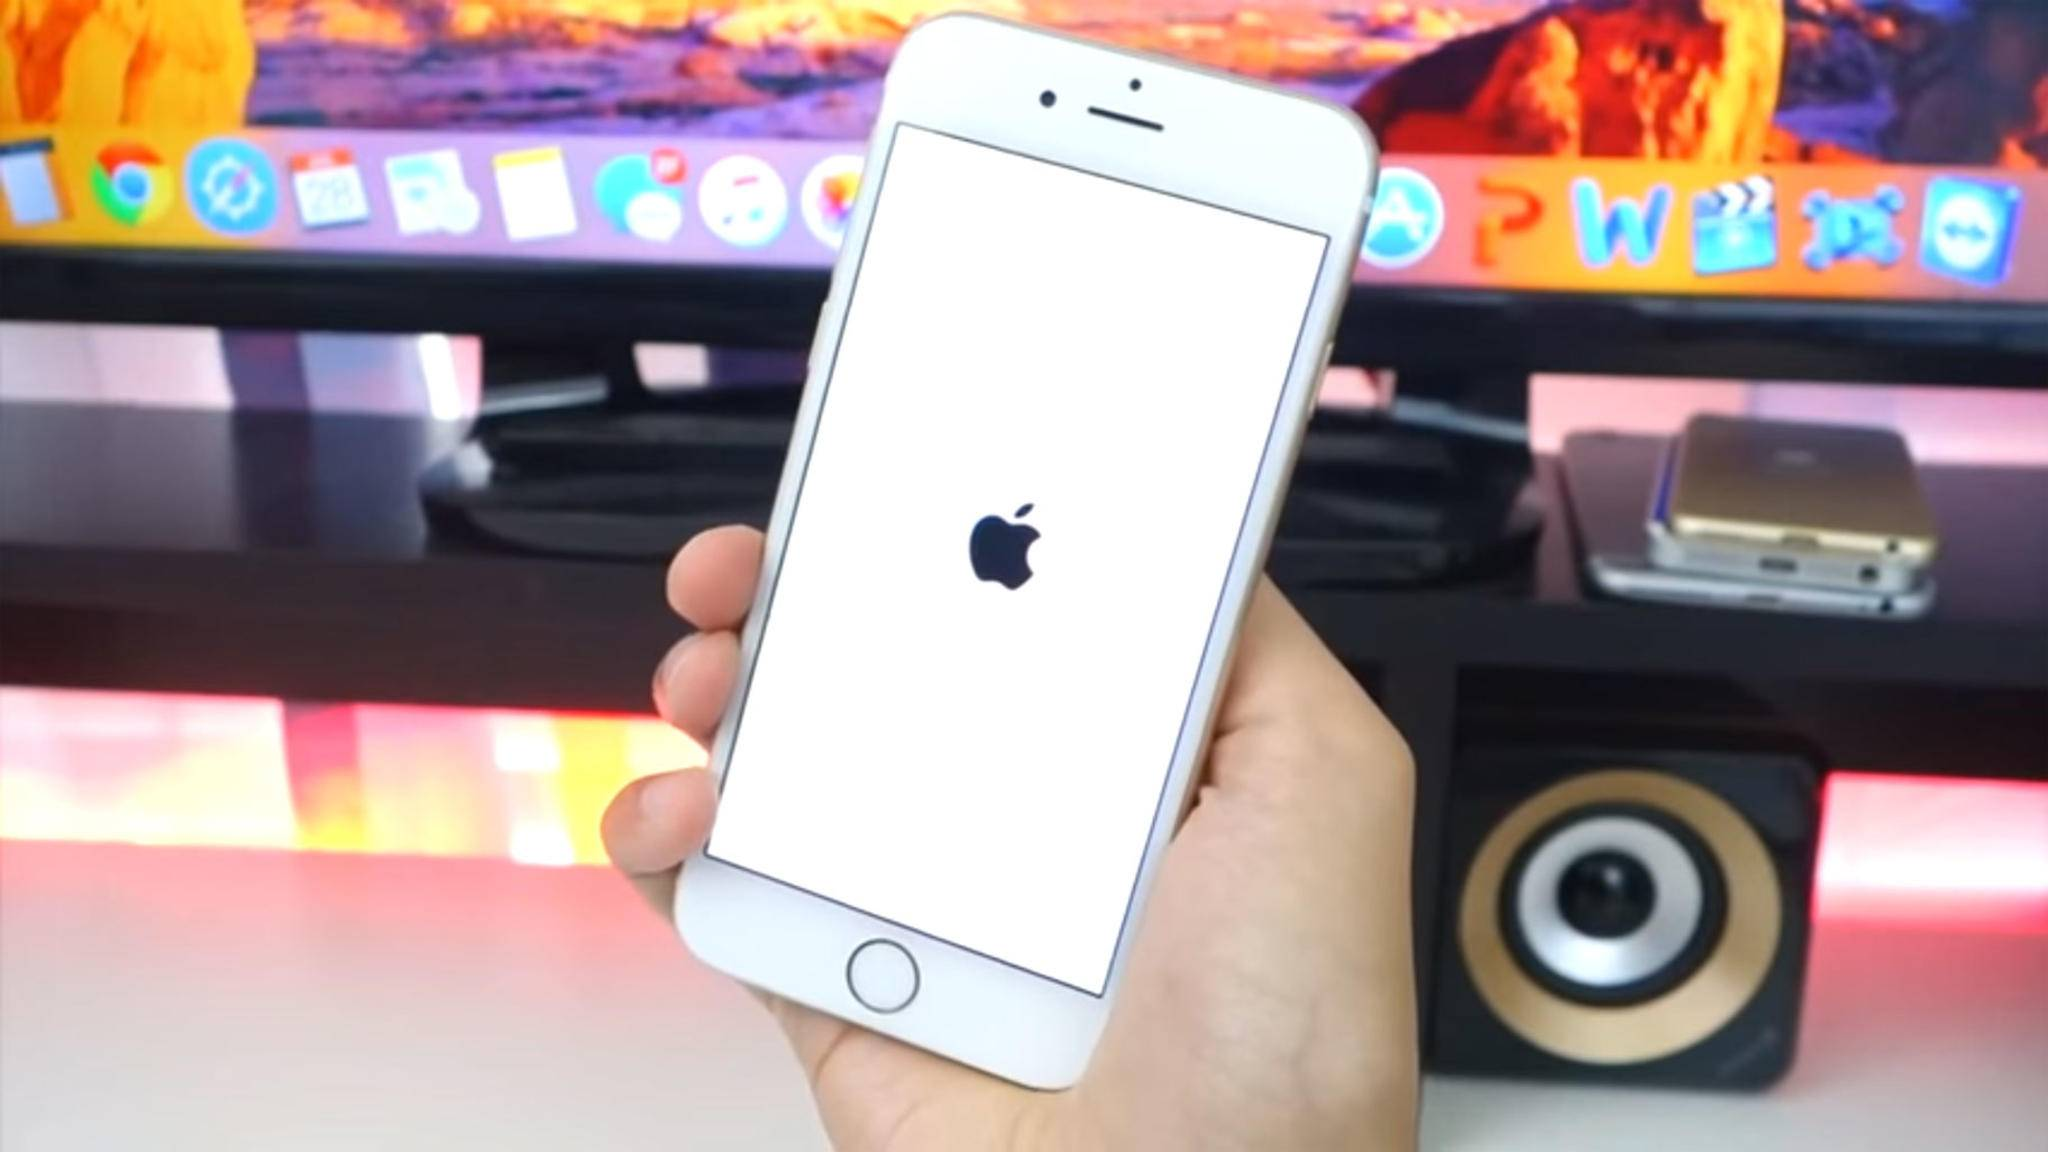 Für den Neustart des iPhones wird nicht unbedingt der Power-Button benötigt.